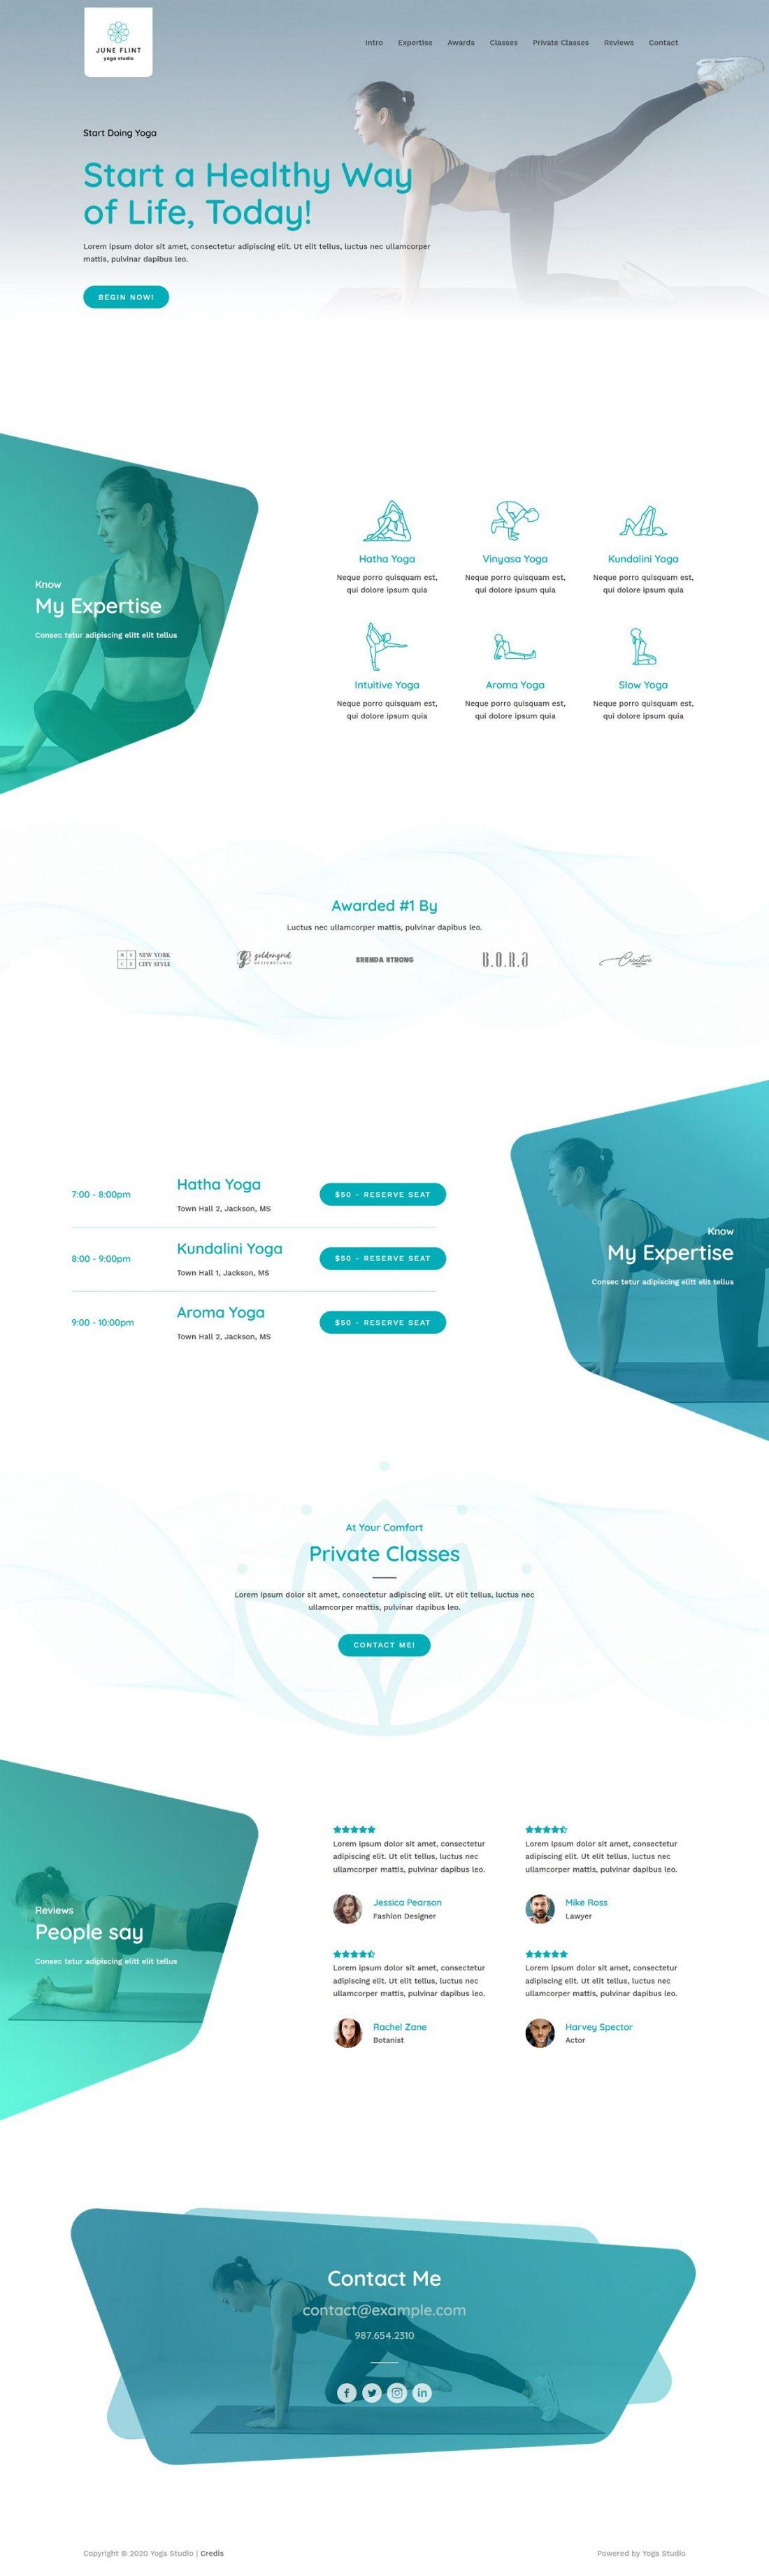 Fagowi.com Website Design Templates For Yoga Studio - Home Page Image